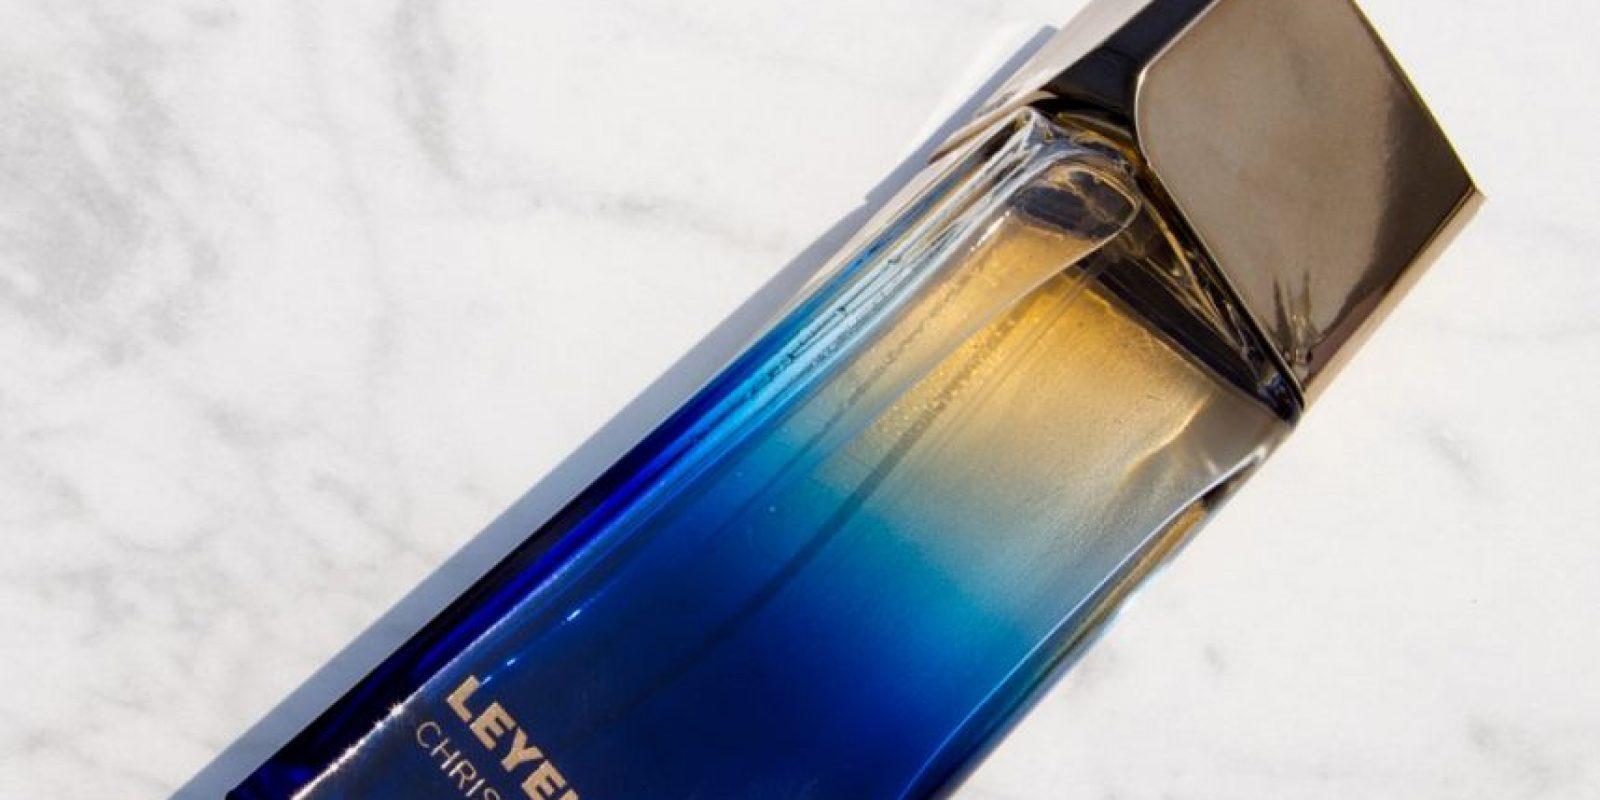 Presentación del frasco del perfume Leyenda Foto:Fuente Externa